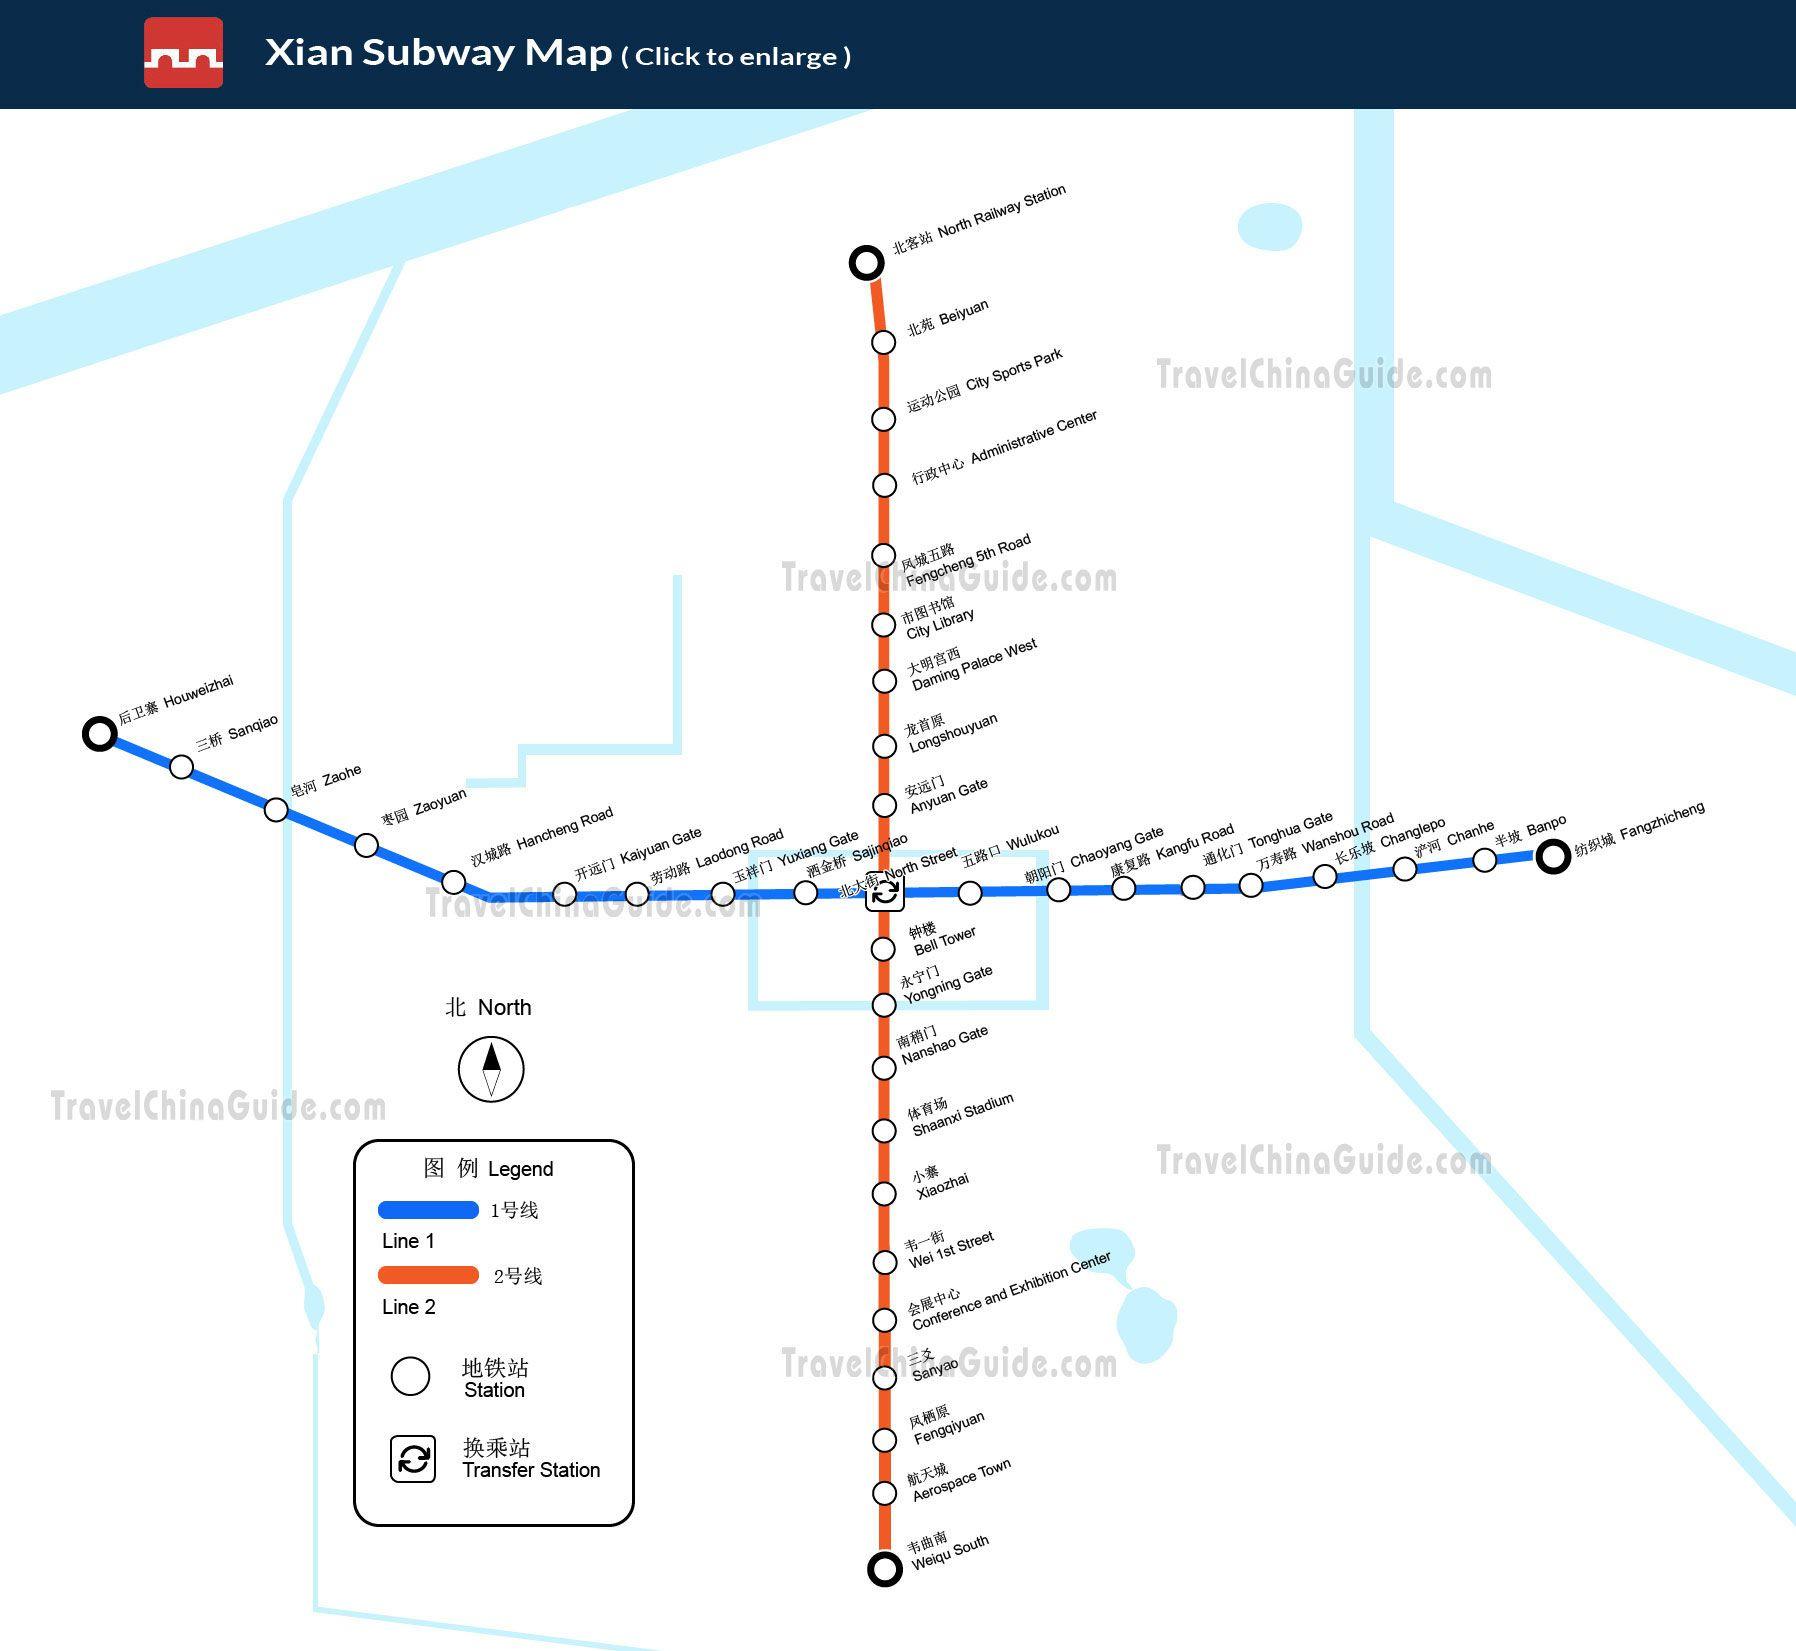 Xian Subway Map.Xi An Subway Map Holiday Documents Subway Map Diagram Chart